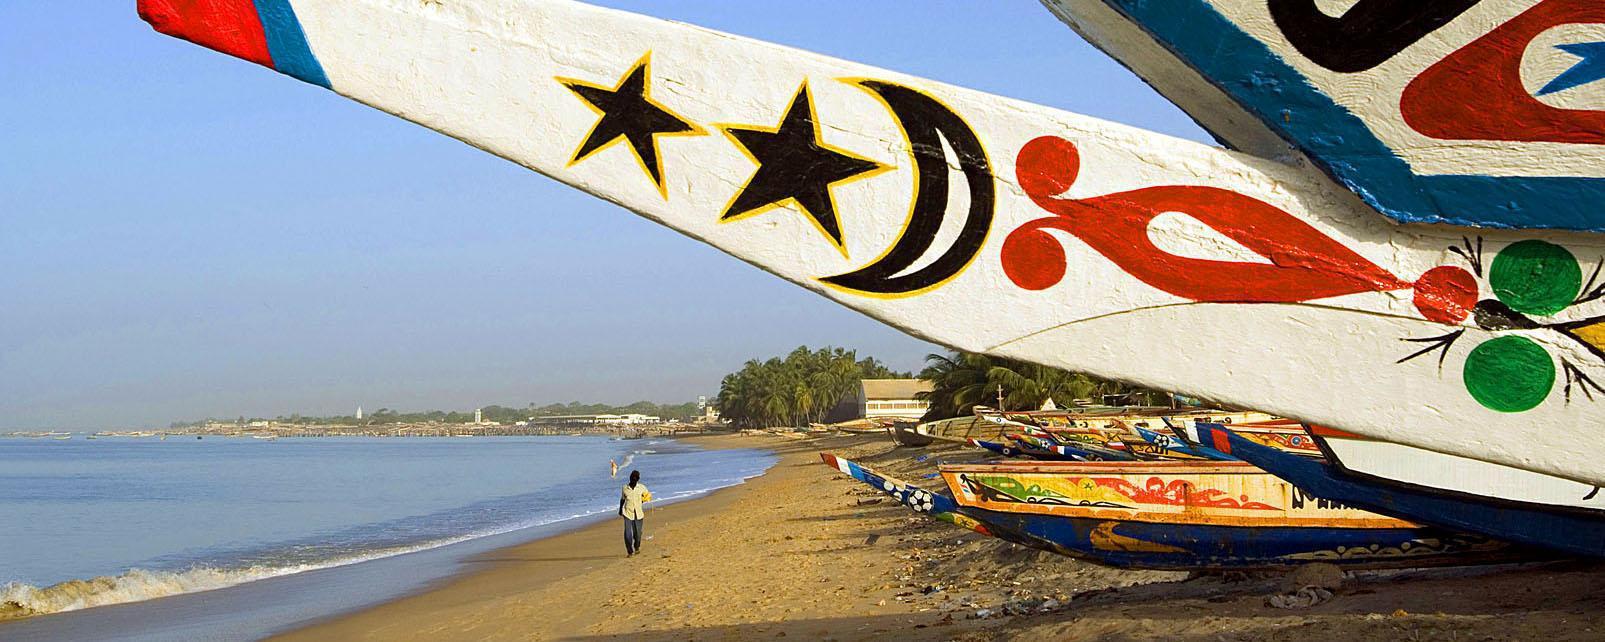 Afrique, Sénégal, M'Bour, port, pêche, plage, bateau, pirogue, canot,